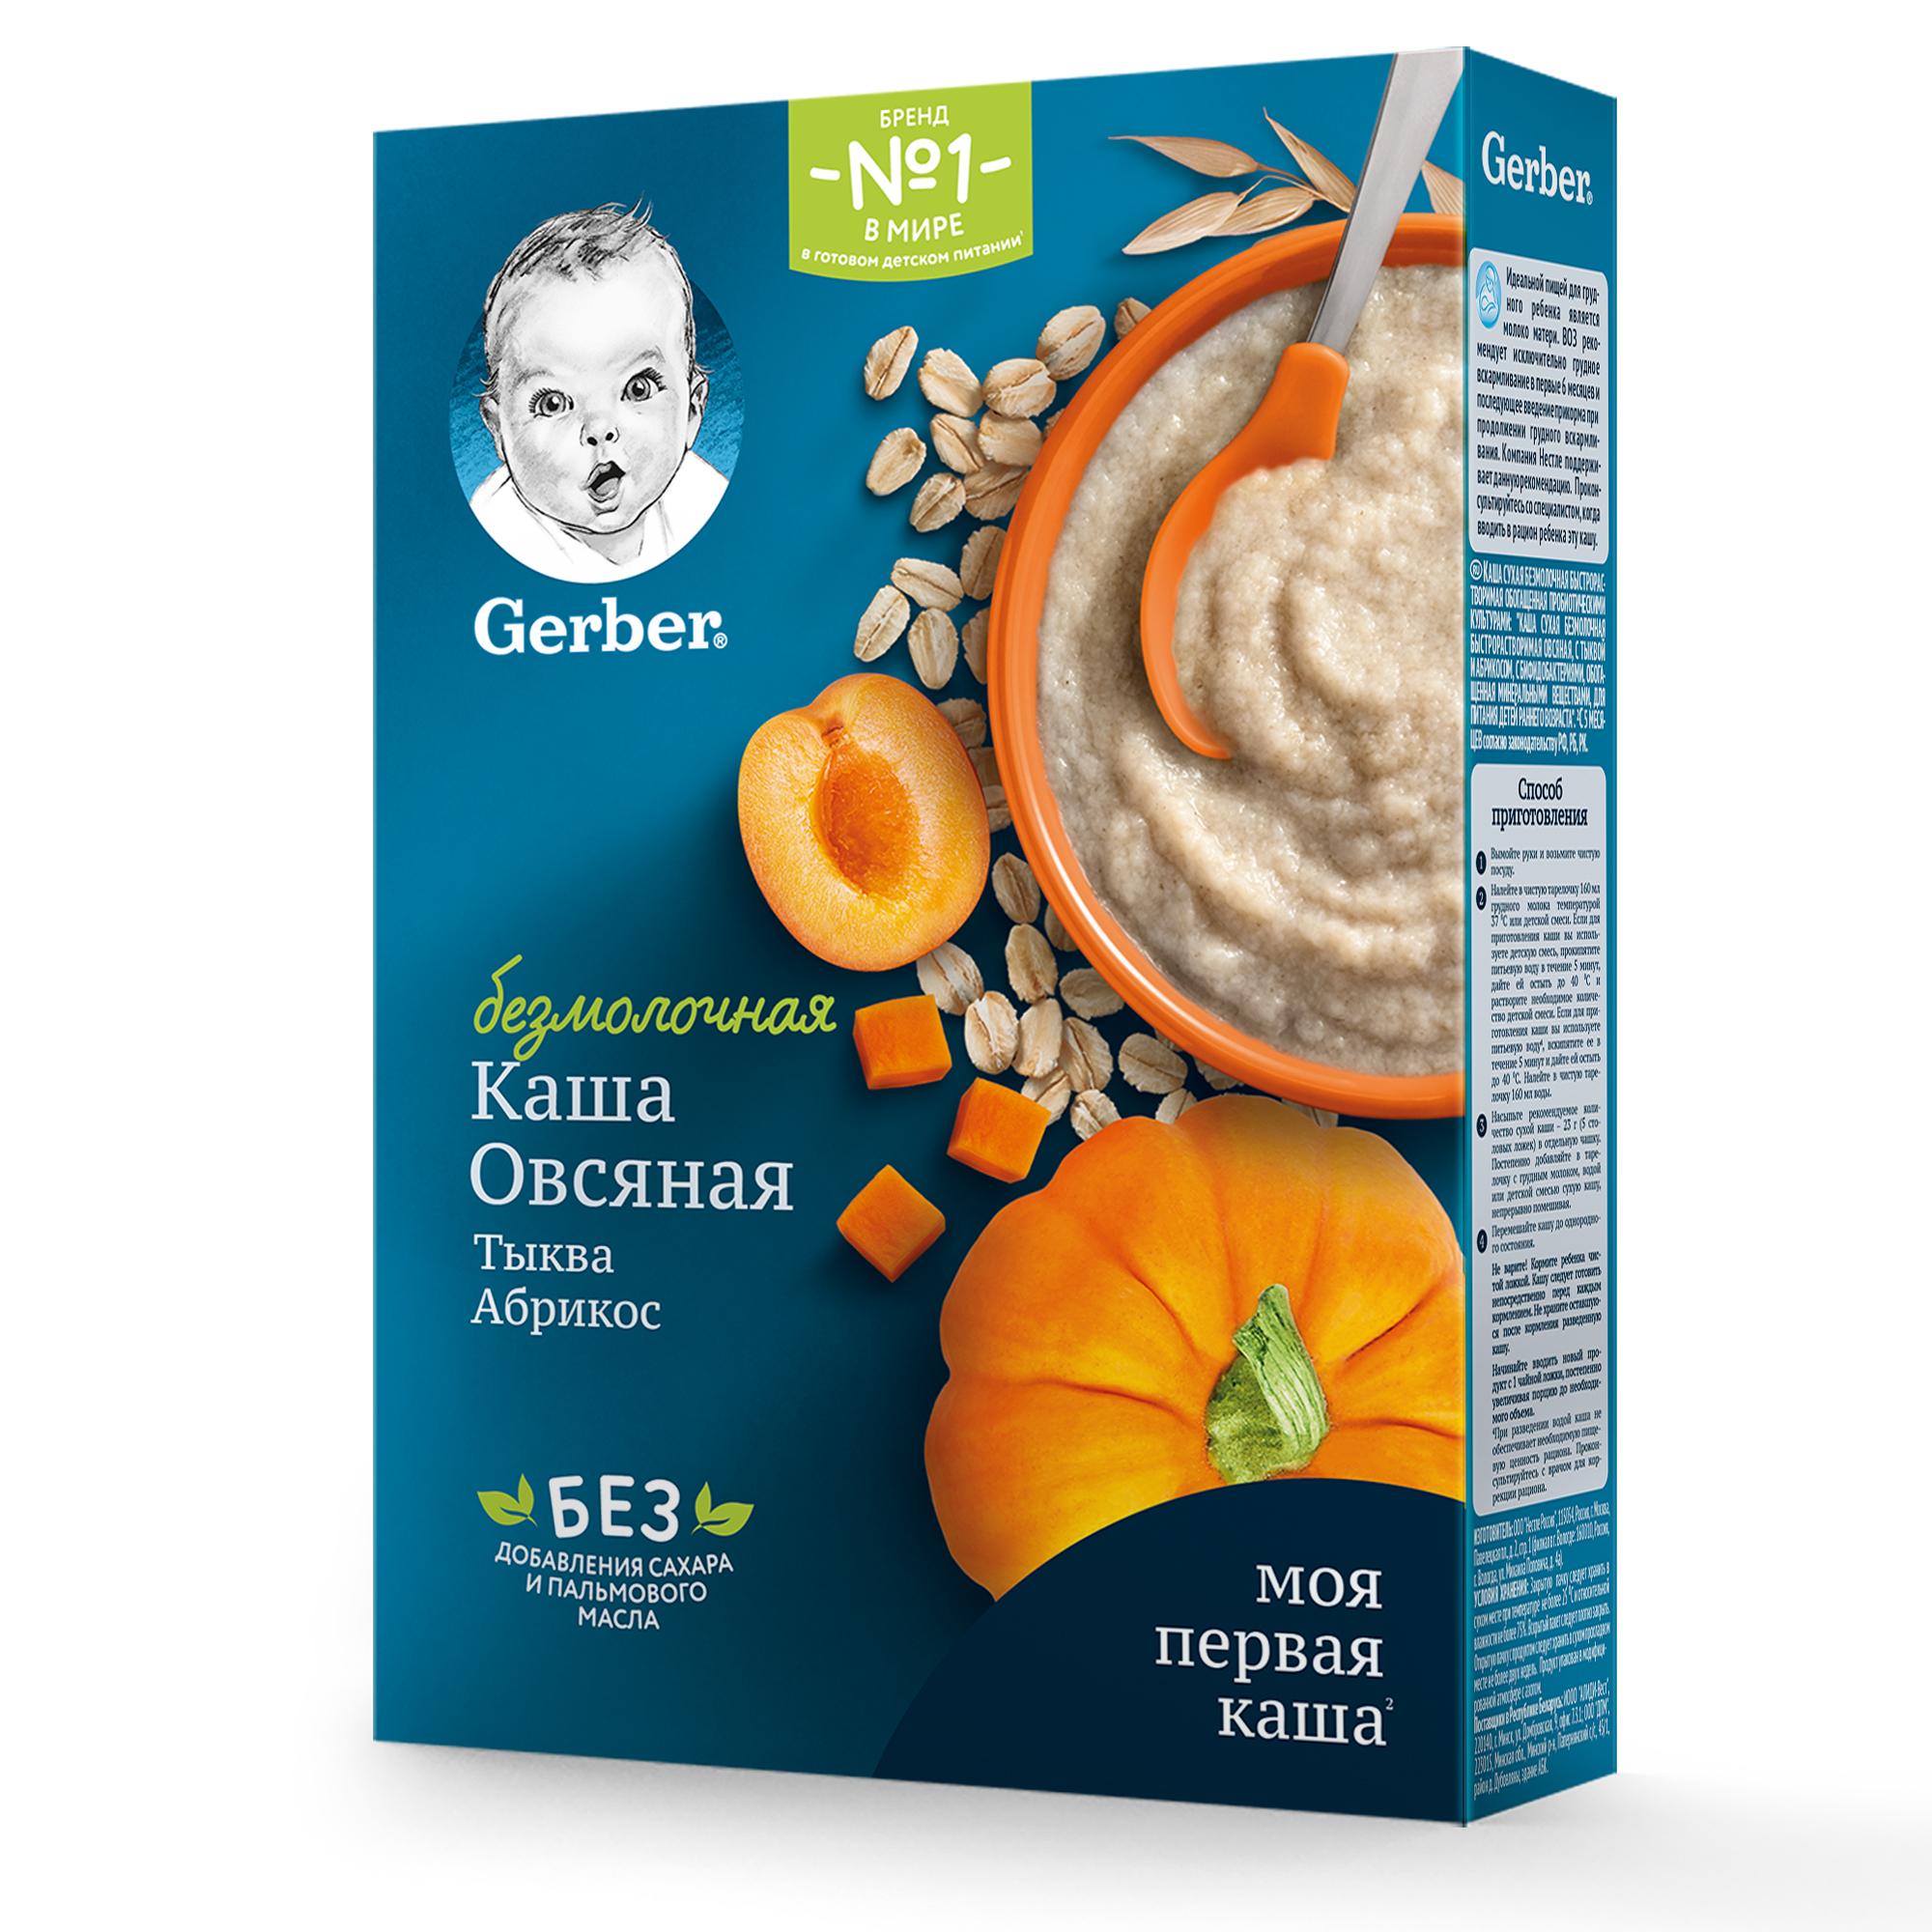 Безмолочная овсяная с тыквой, абрикосом для продолжения прикорма 180г с бифидобактериями каша Gerber (Гербер)